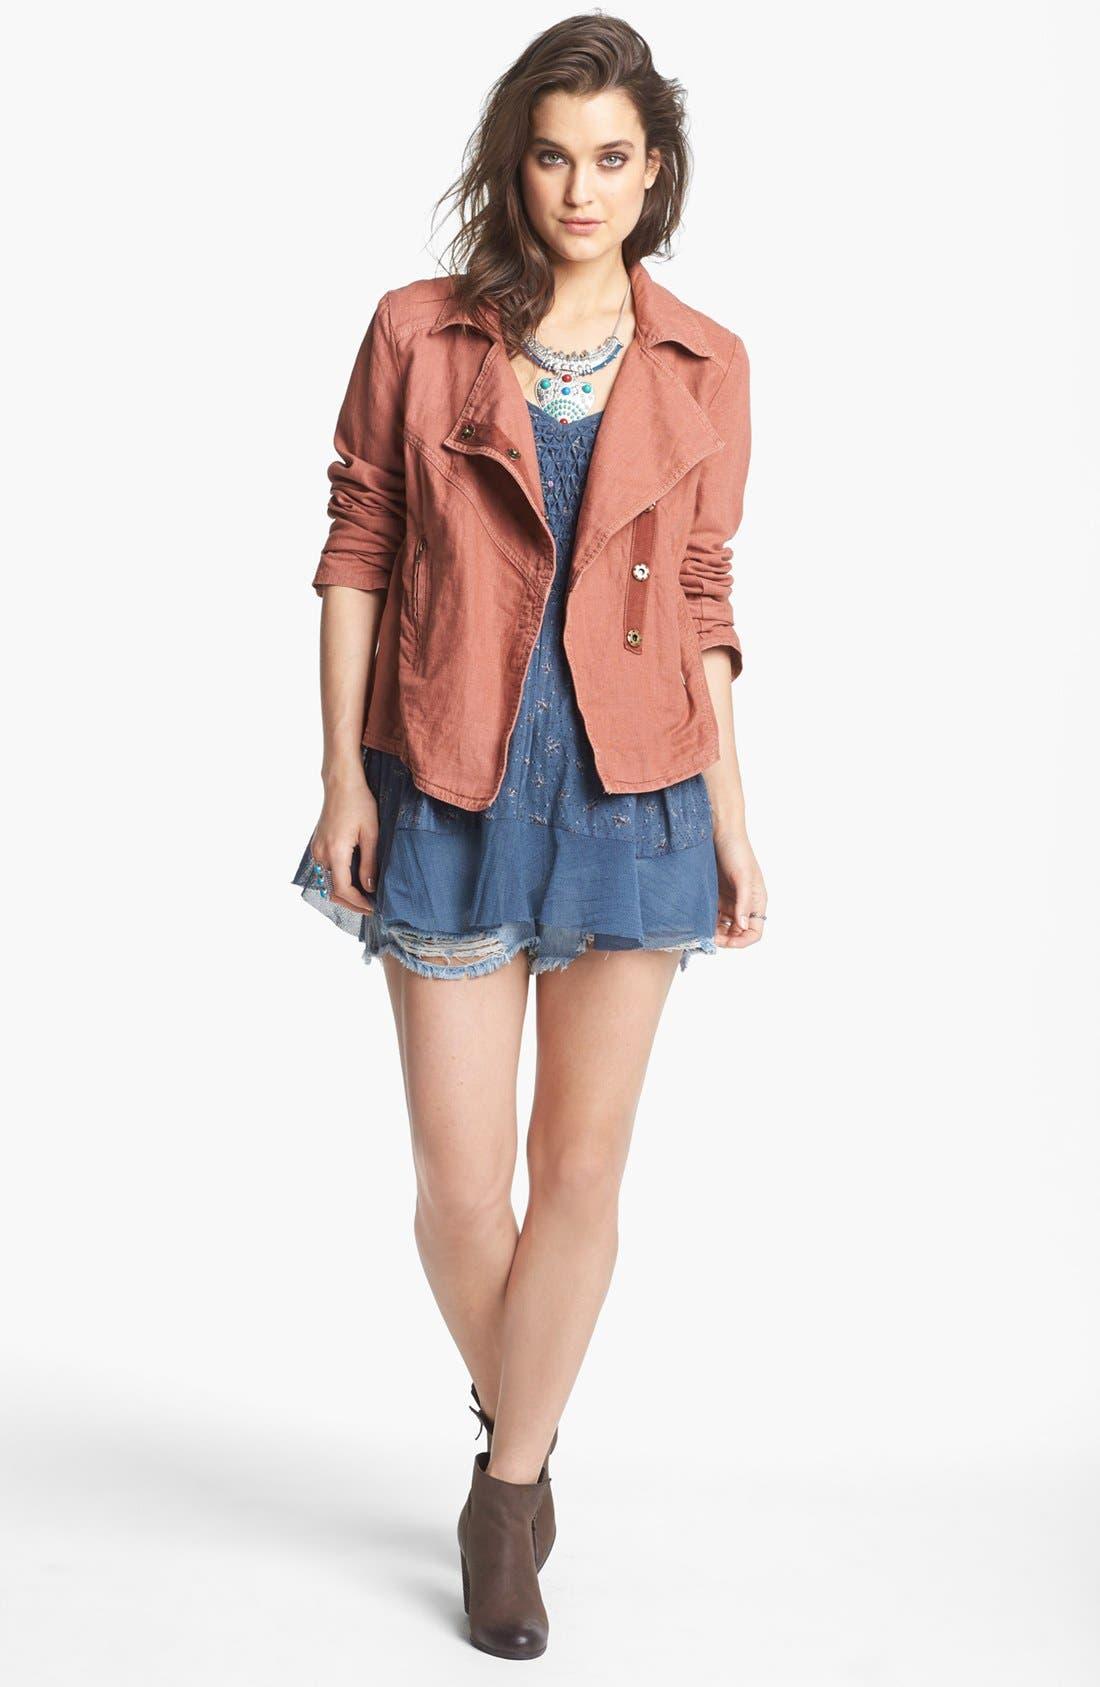 Alternate Image 1 Selected - Free People Jacket, Tunic & Shorts